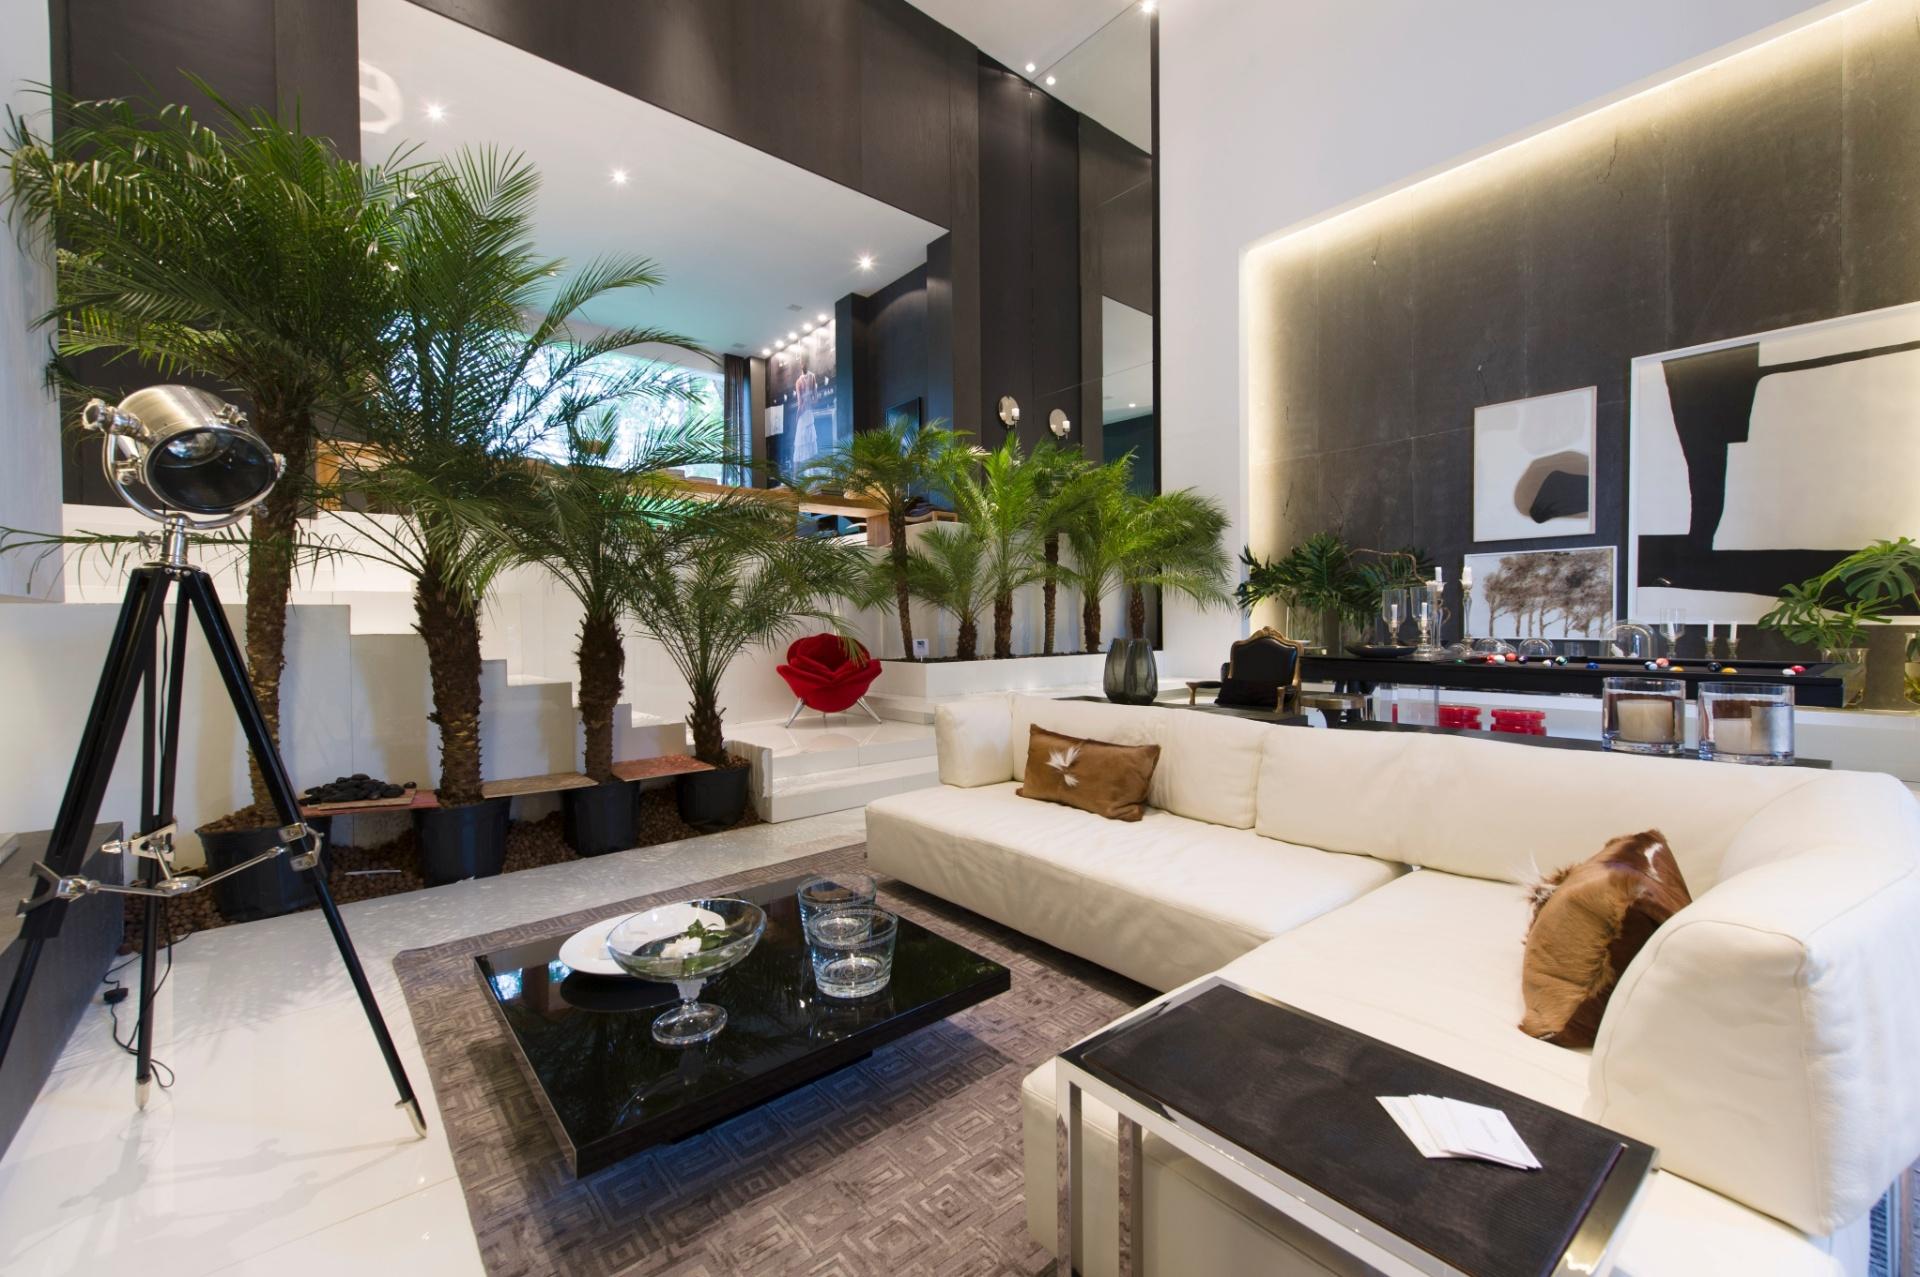 O Espaço para um Homem Moderno é de autoria da arquiteta Ana Maria Vieira Santos. O ambiente de estar fica disposto sob o pé direito generoso com dez metros de altura. A 27ª Casa Cor SP segue até dia 21 de julho de 2013, no Jockey Club de São Paulo